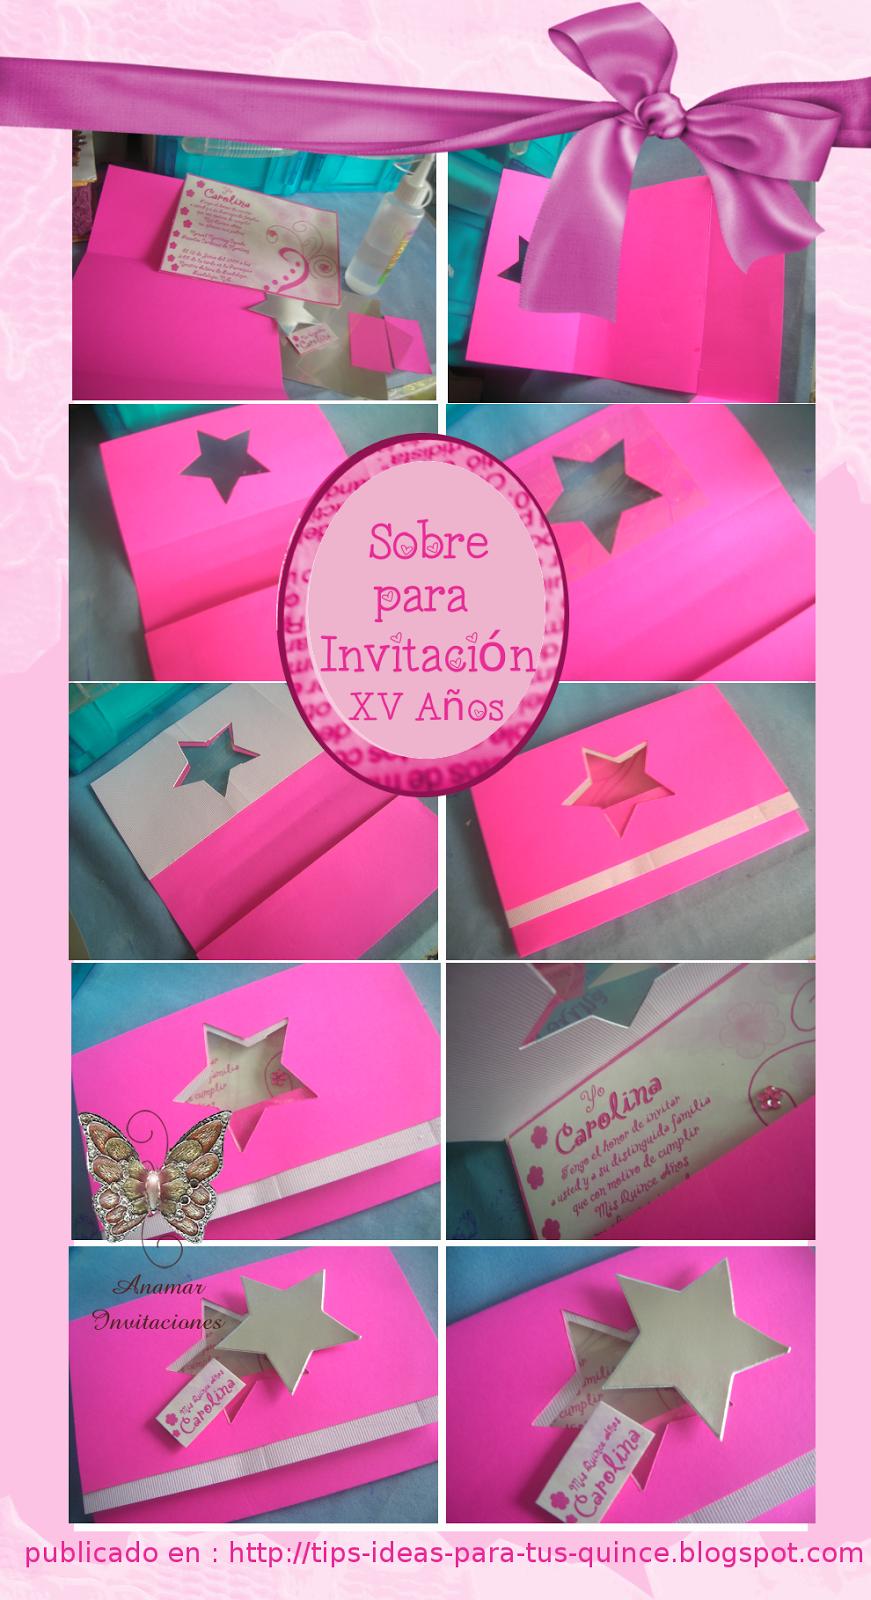 Sobres Para 15 Años Invitaciones Invitacion Xv Años Y